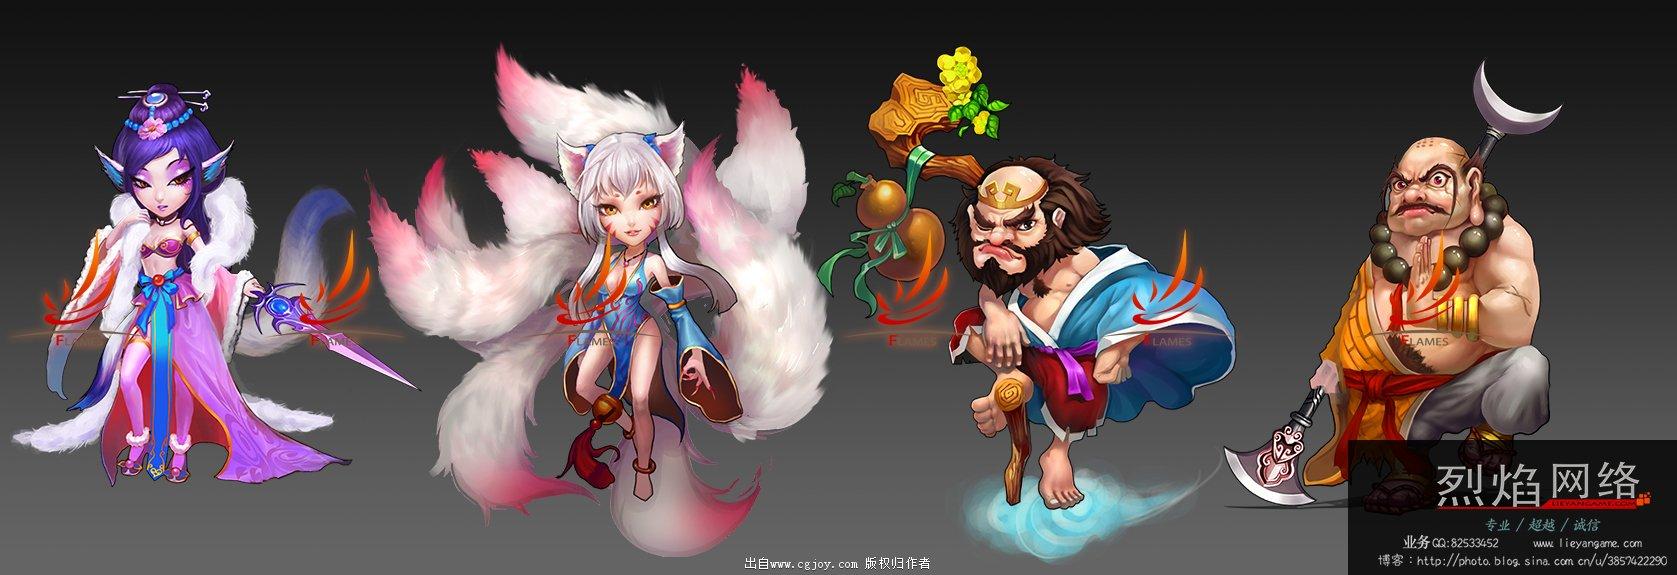 yuanhua.jpg